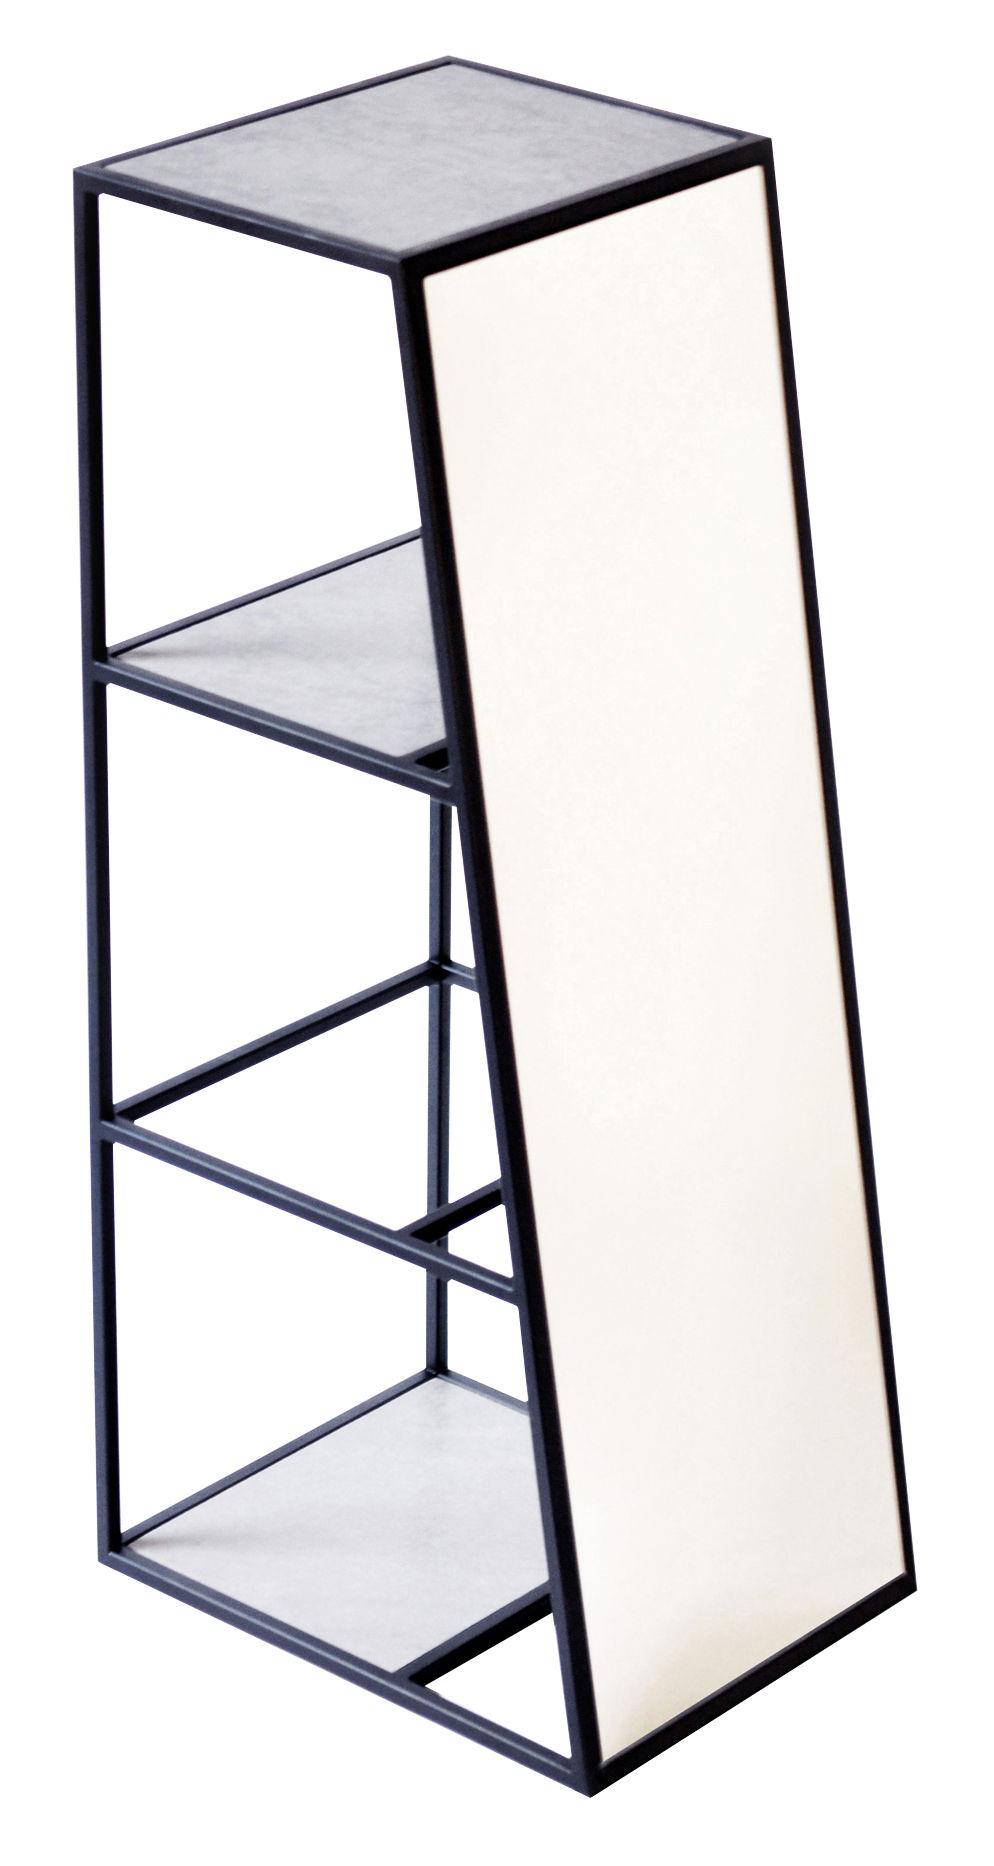 Etag re elements iv miroir 37 x 30 x h 84 cm ciment for Miroir xl boom